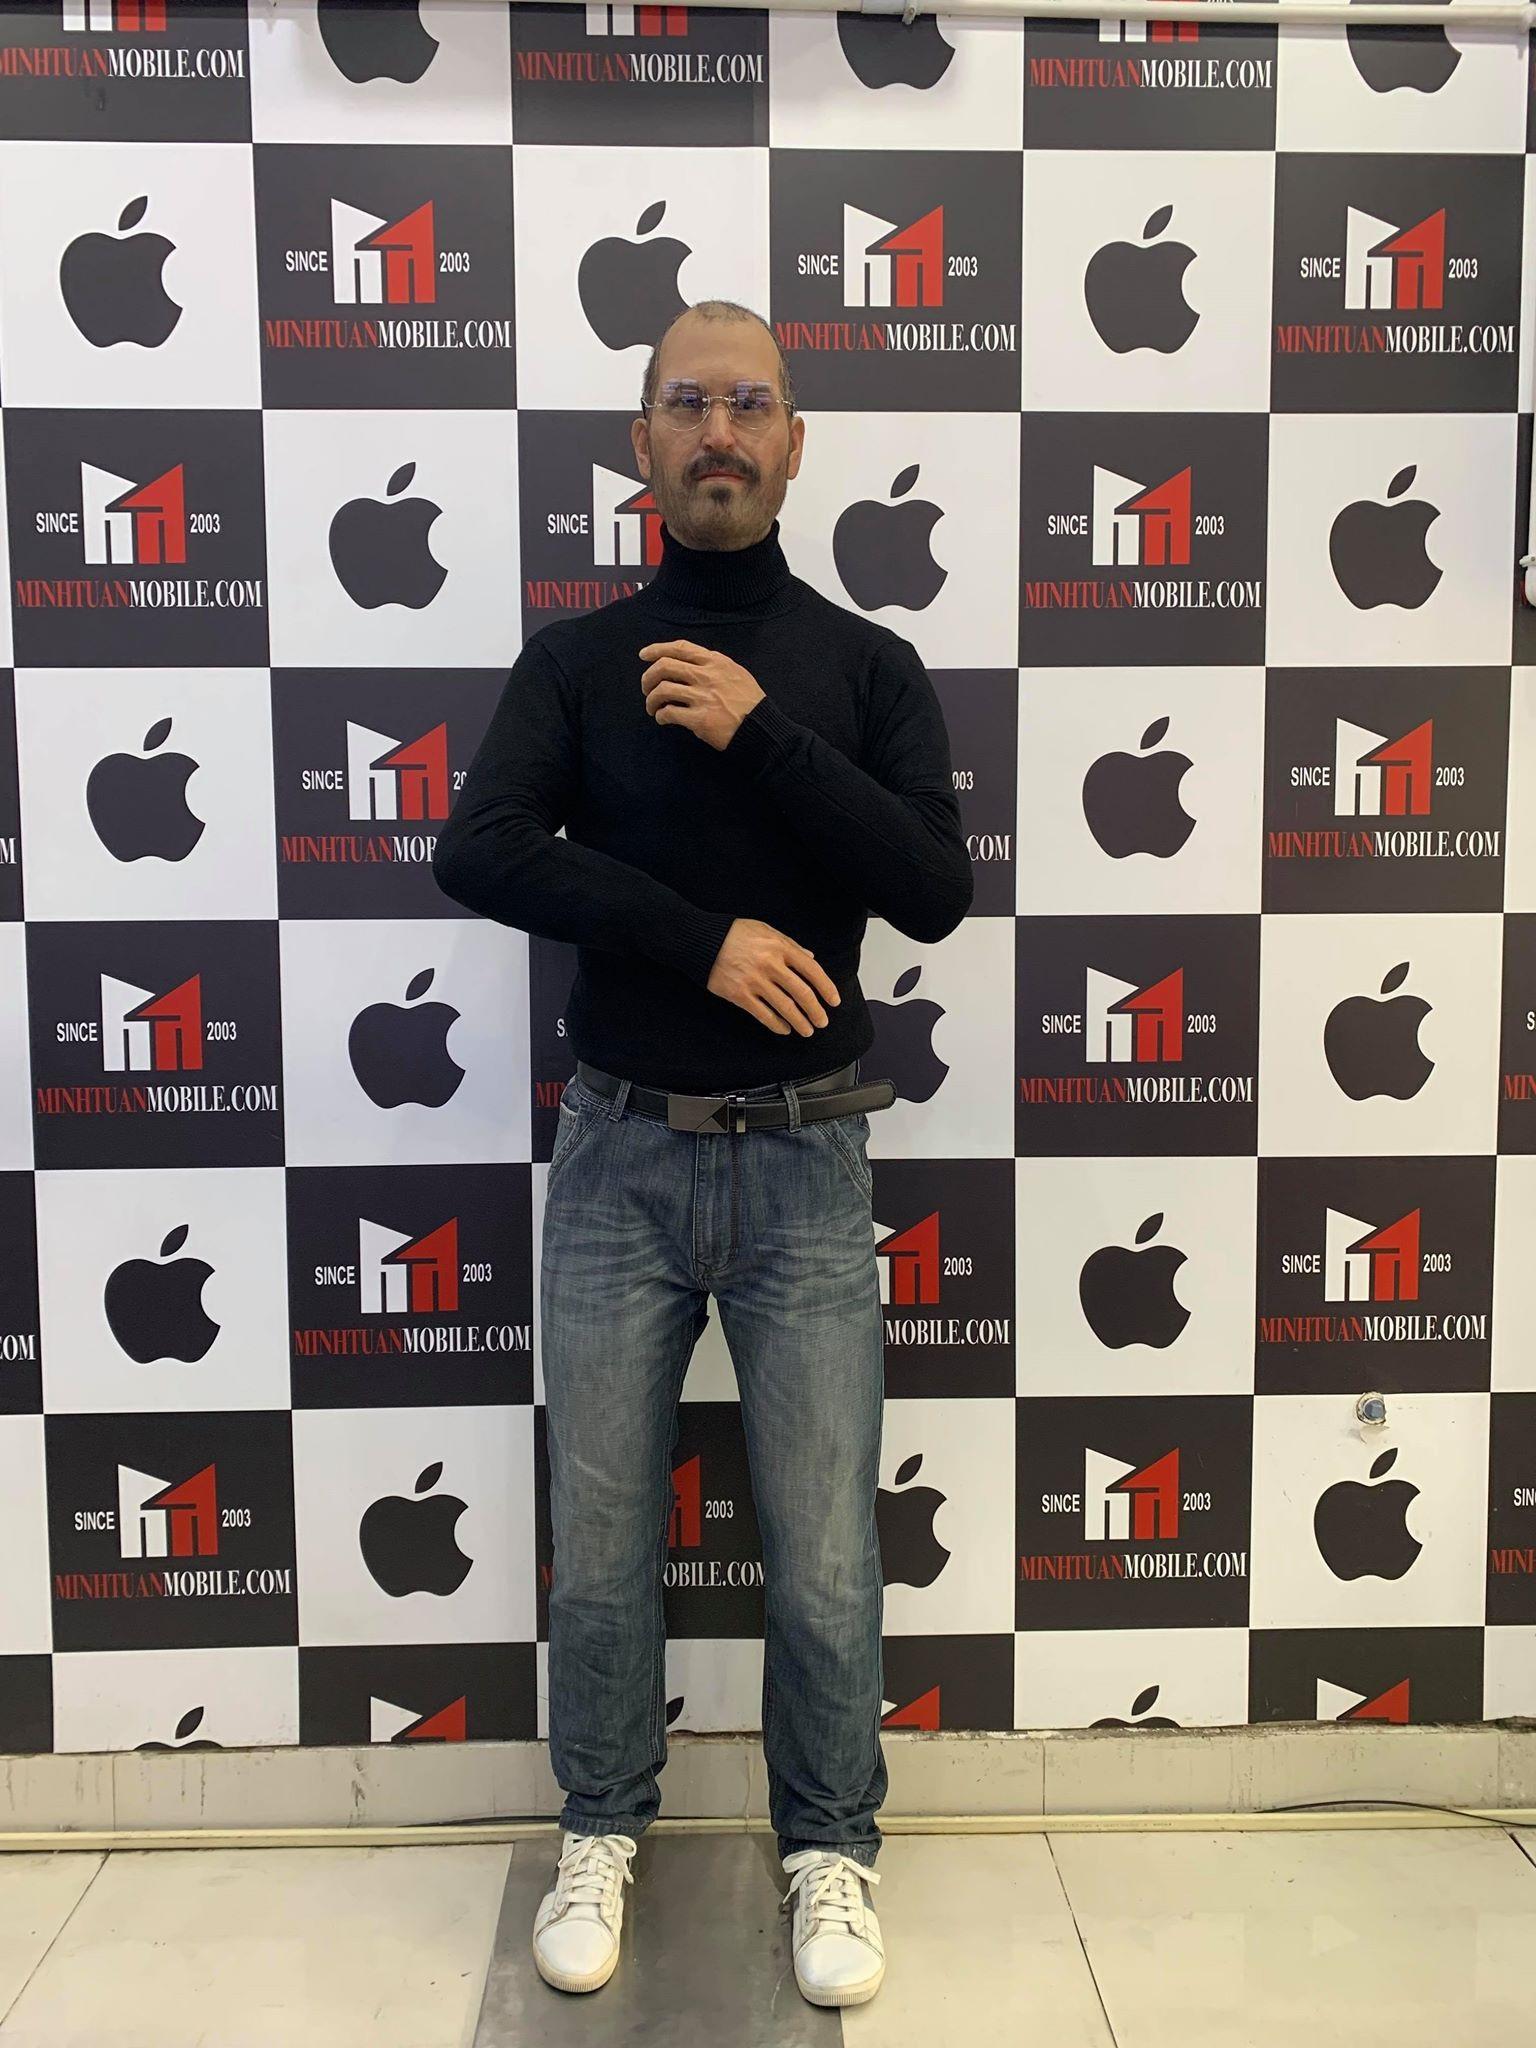 Tượng sáp phù thủy Steve Jobs gây chú ý tại TP HCM - Ảnh 2.